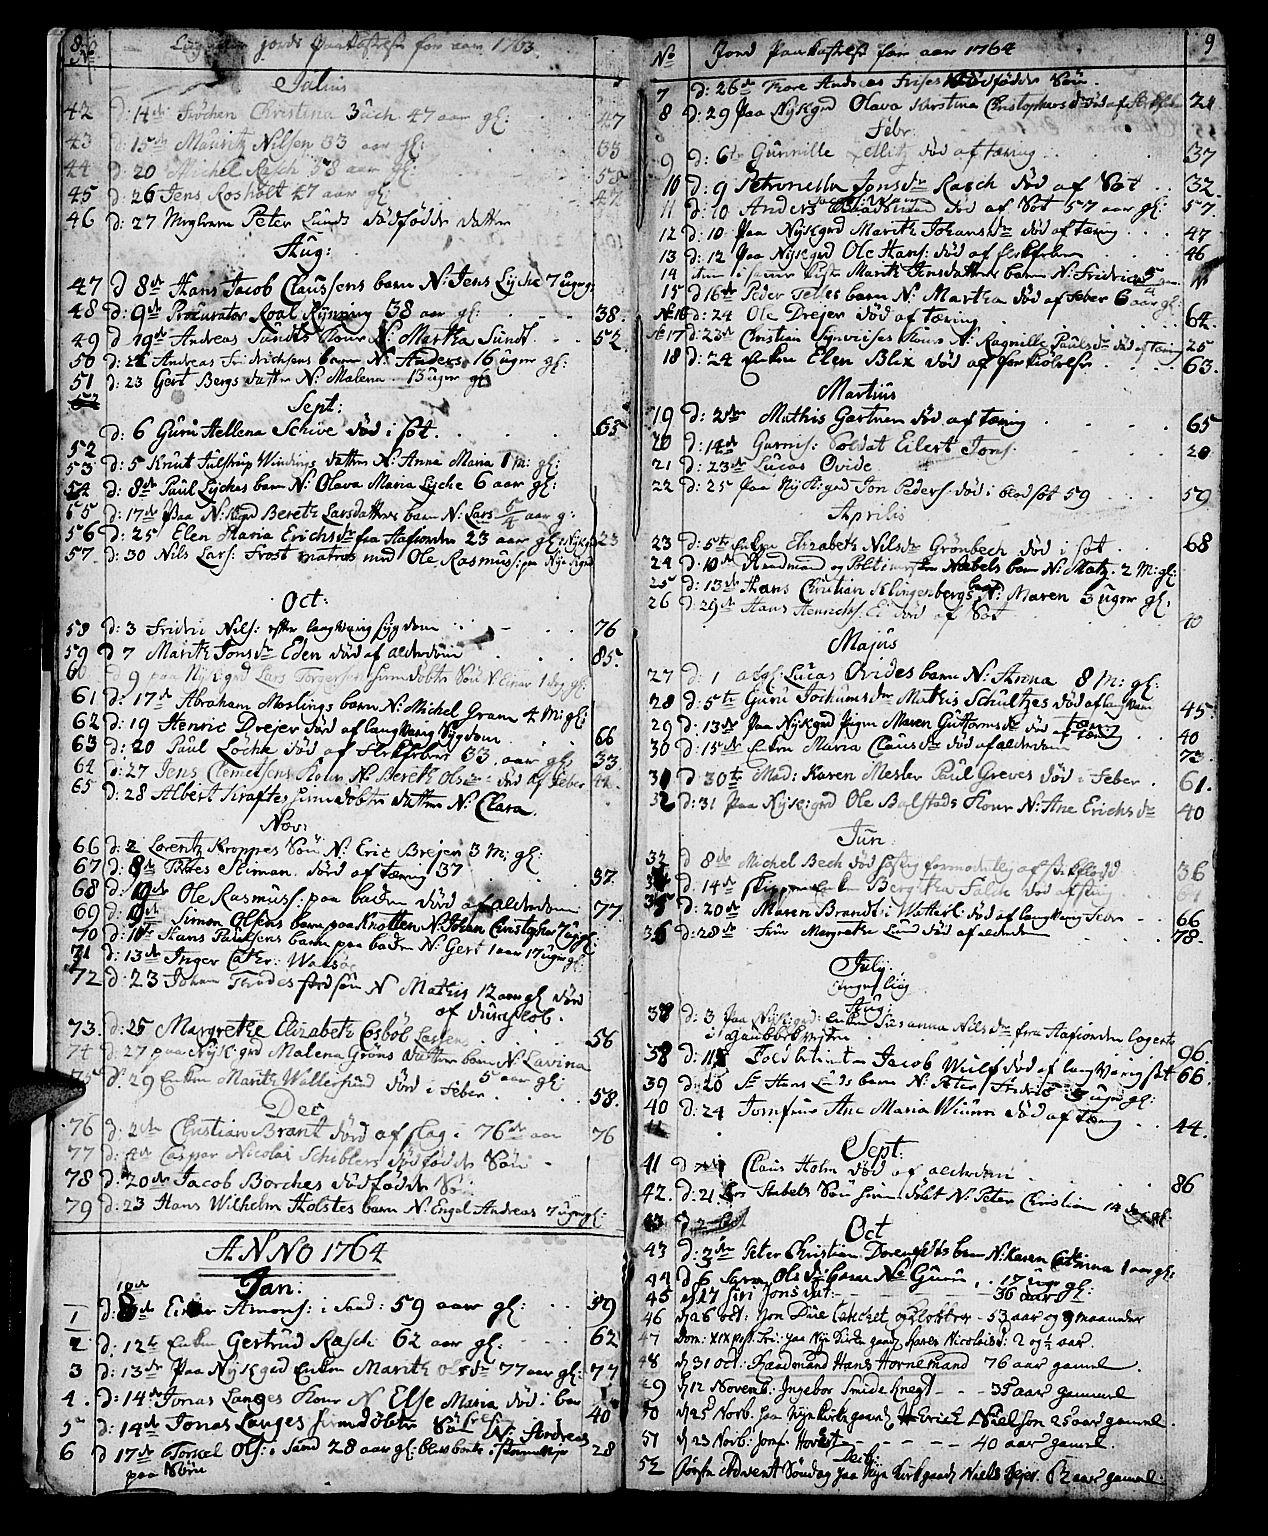 SAT, Ministerialprotokoller, klokkerbøker og fødselsregistre - Sør-Trøndelag, 602/L0134: Klokkerbok nr. 602C02, 1759-1812, s. 8-9